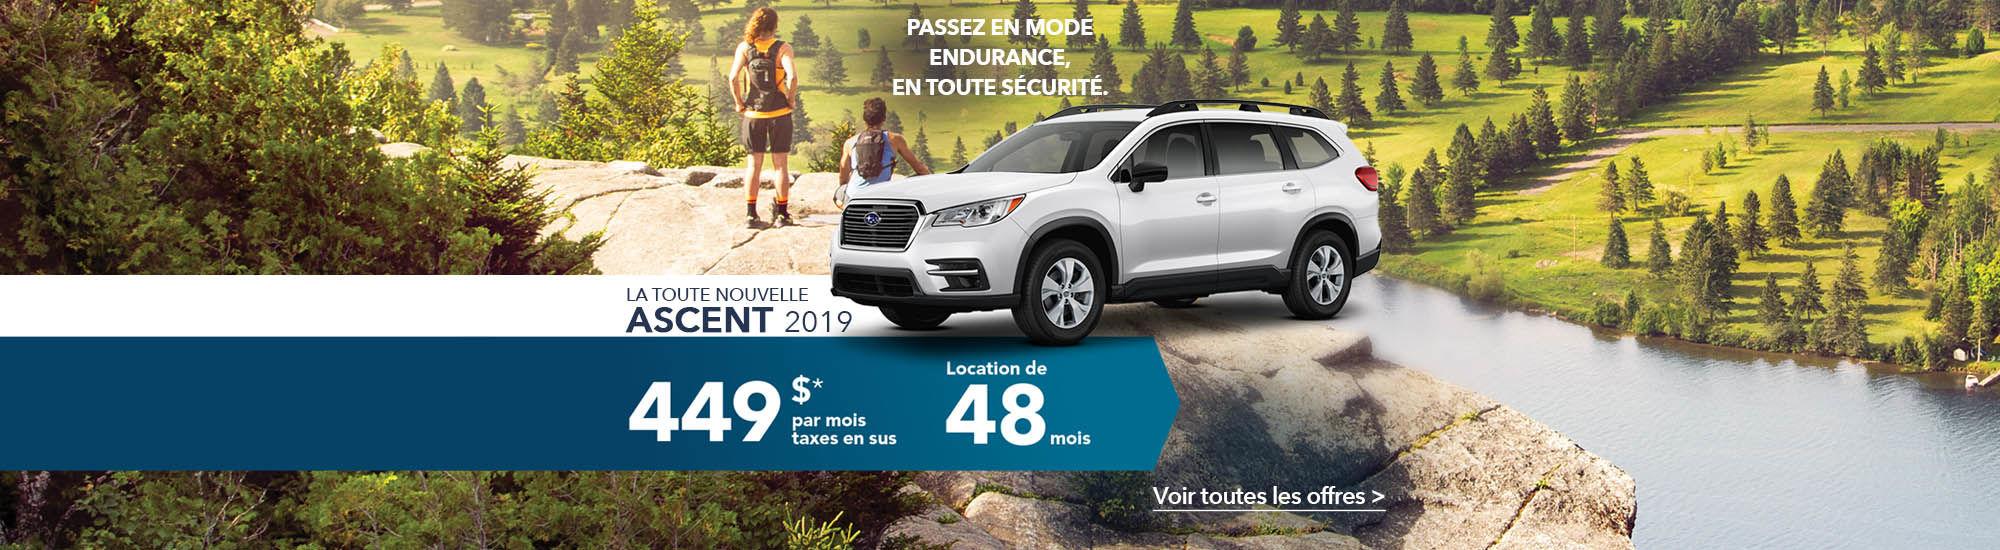 La toute nouvelle Ascent 2019 | Subaru